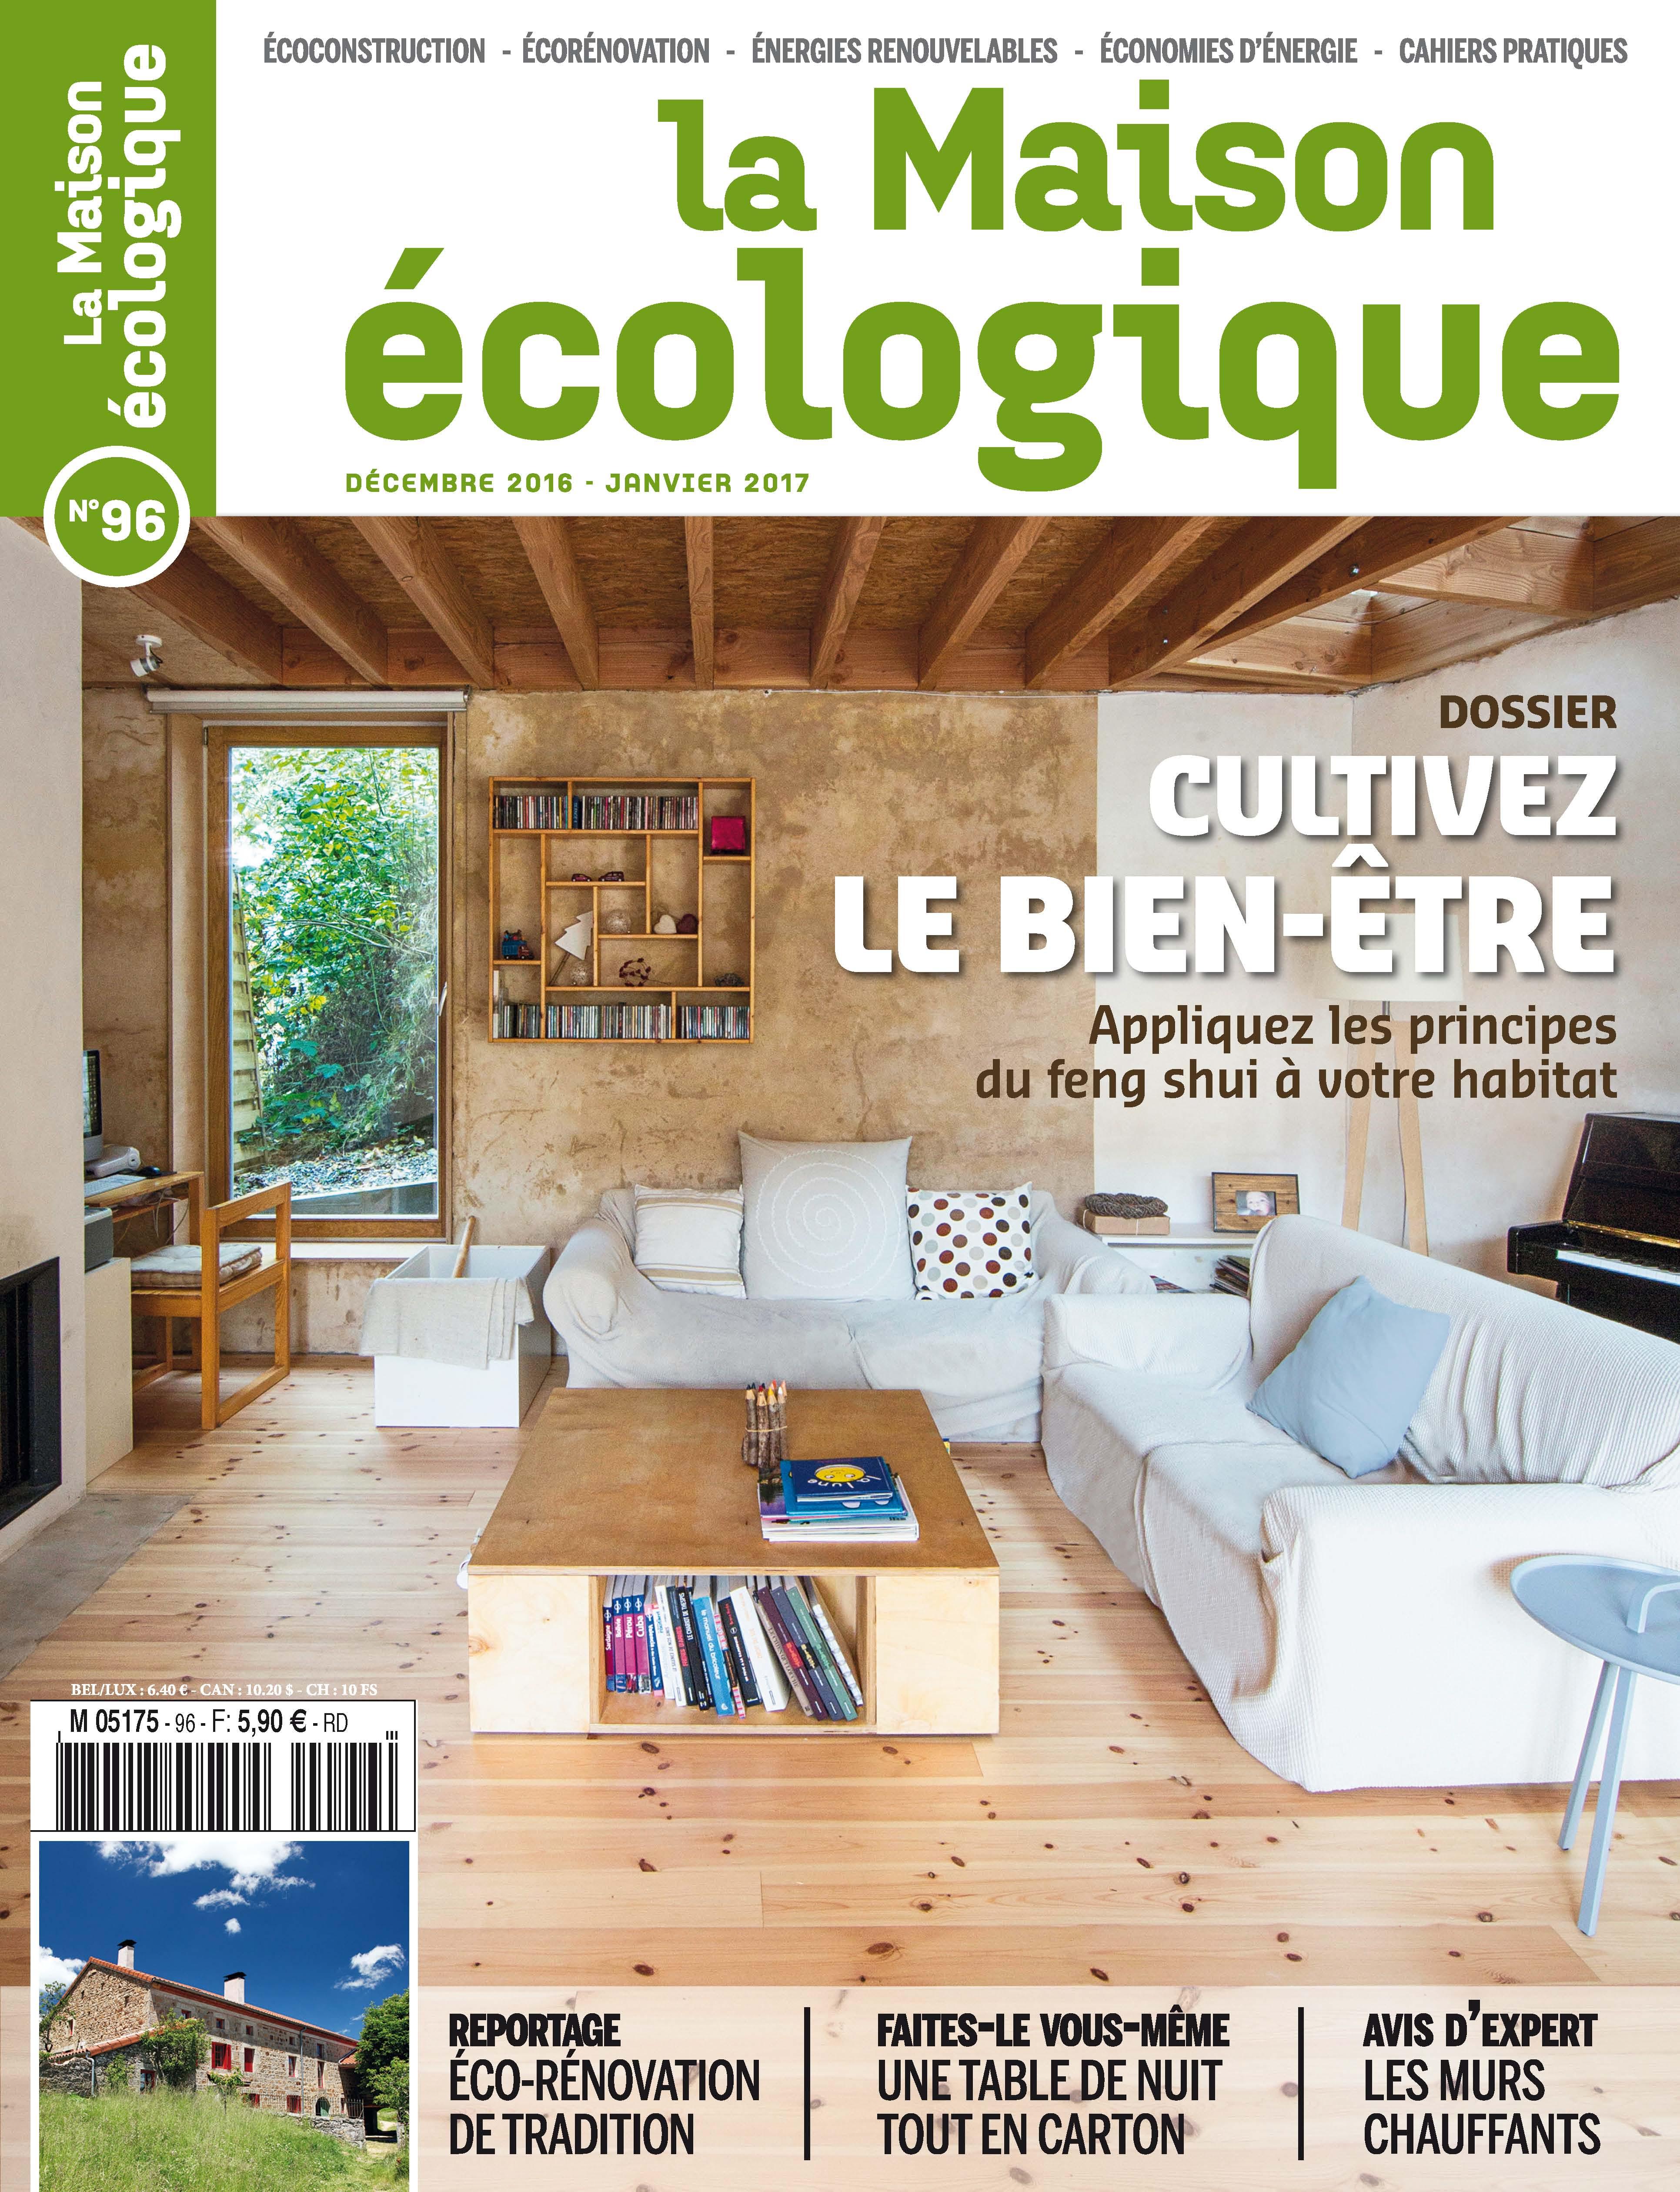 Abonnement le journal de la maison finest magazine maison et jardin lgant abonnement mon jardin - Abonnement maison et jardin ...